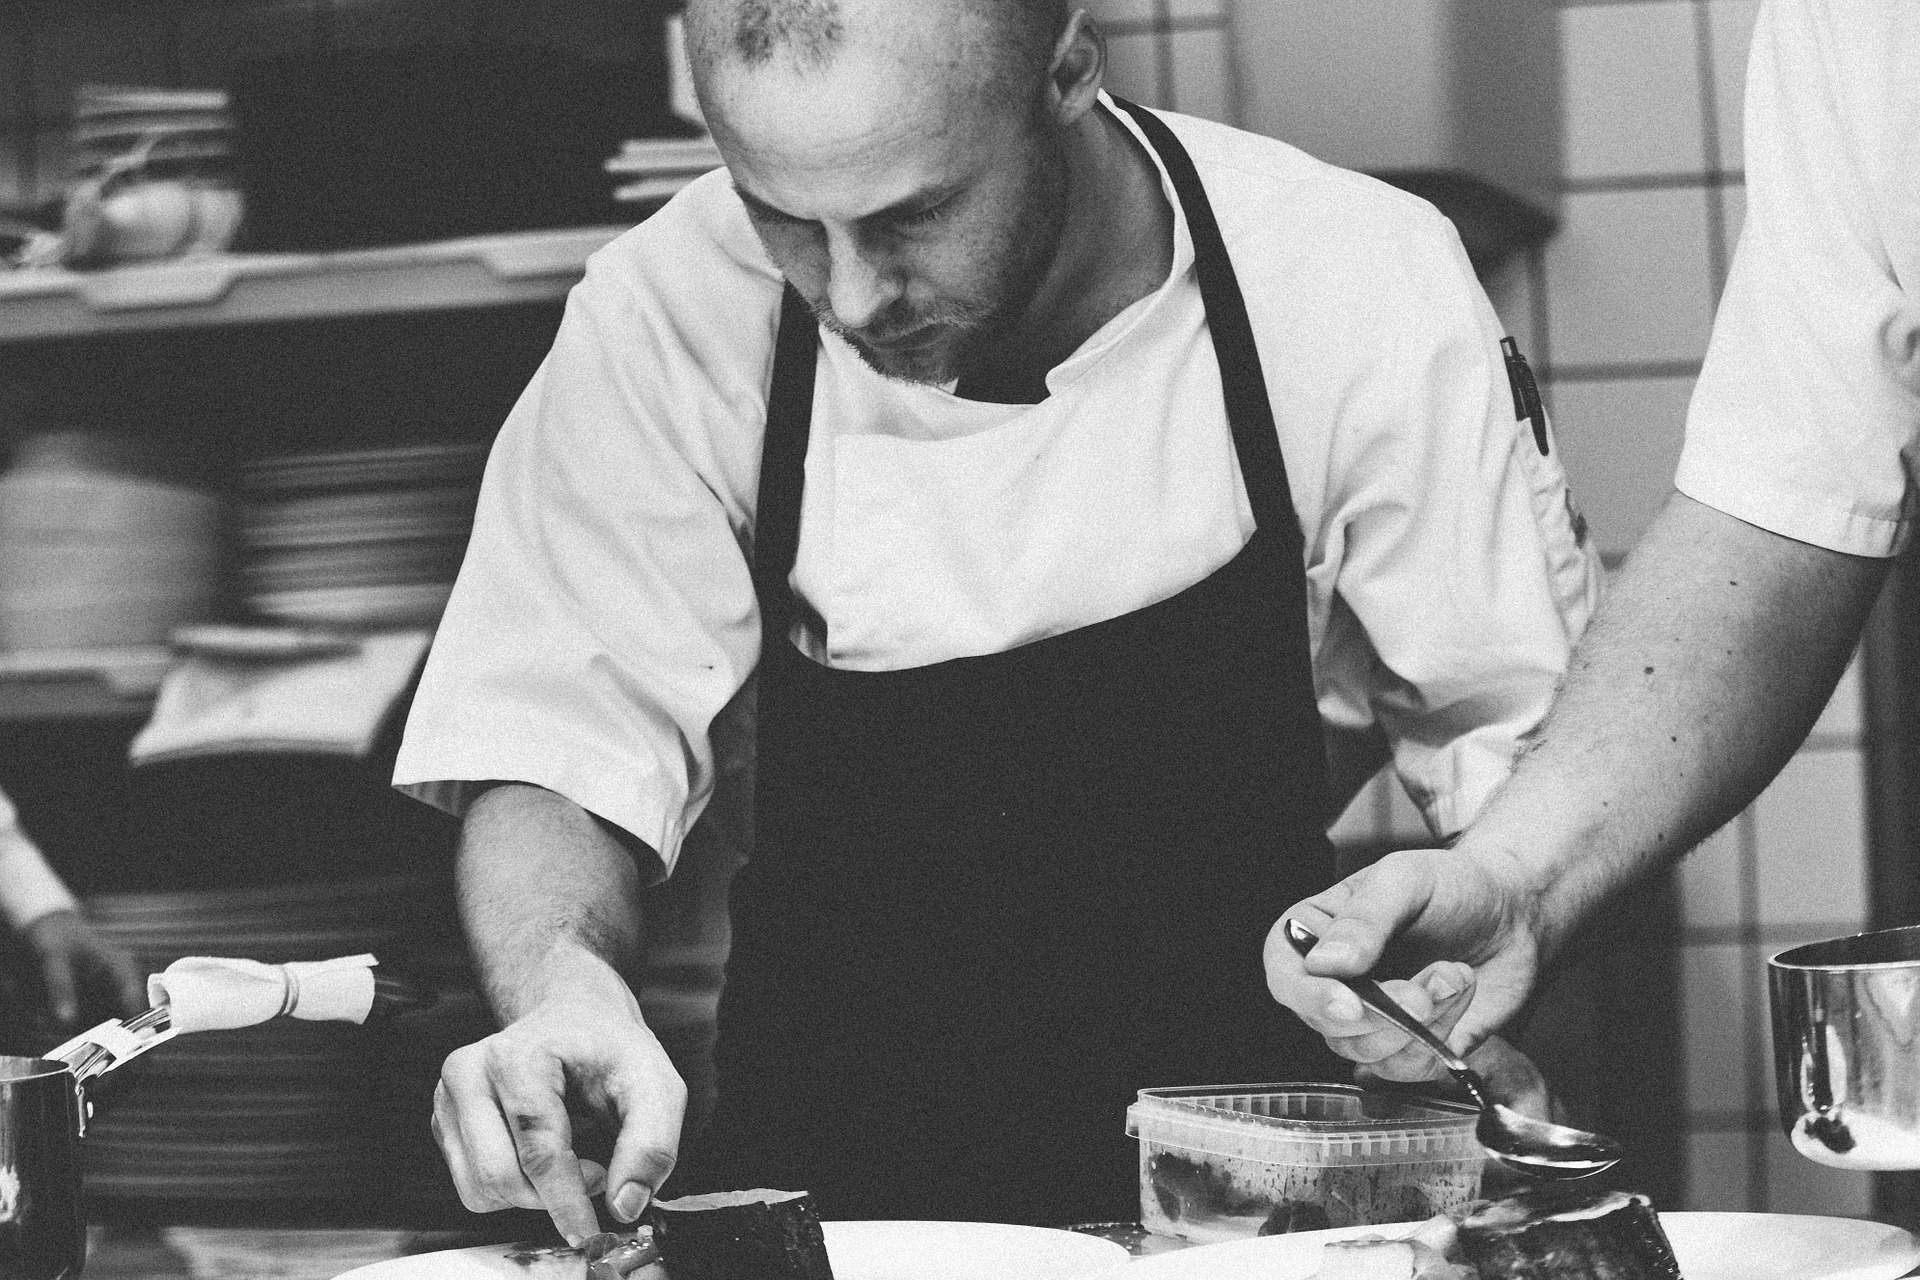 Что творится на кухне ресторана — интересные факты